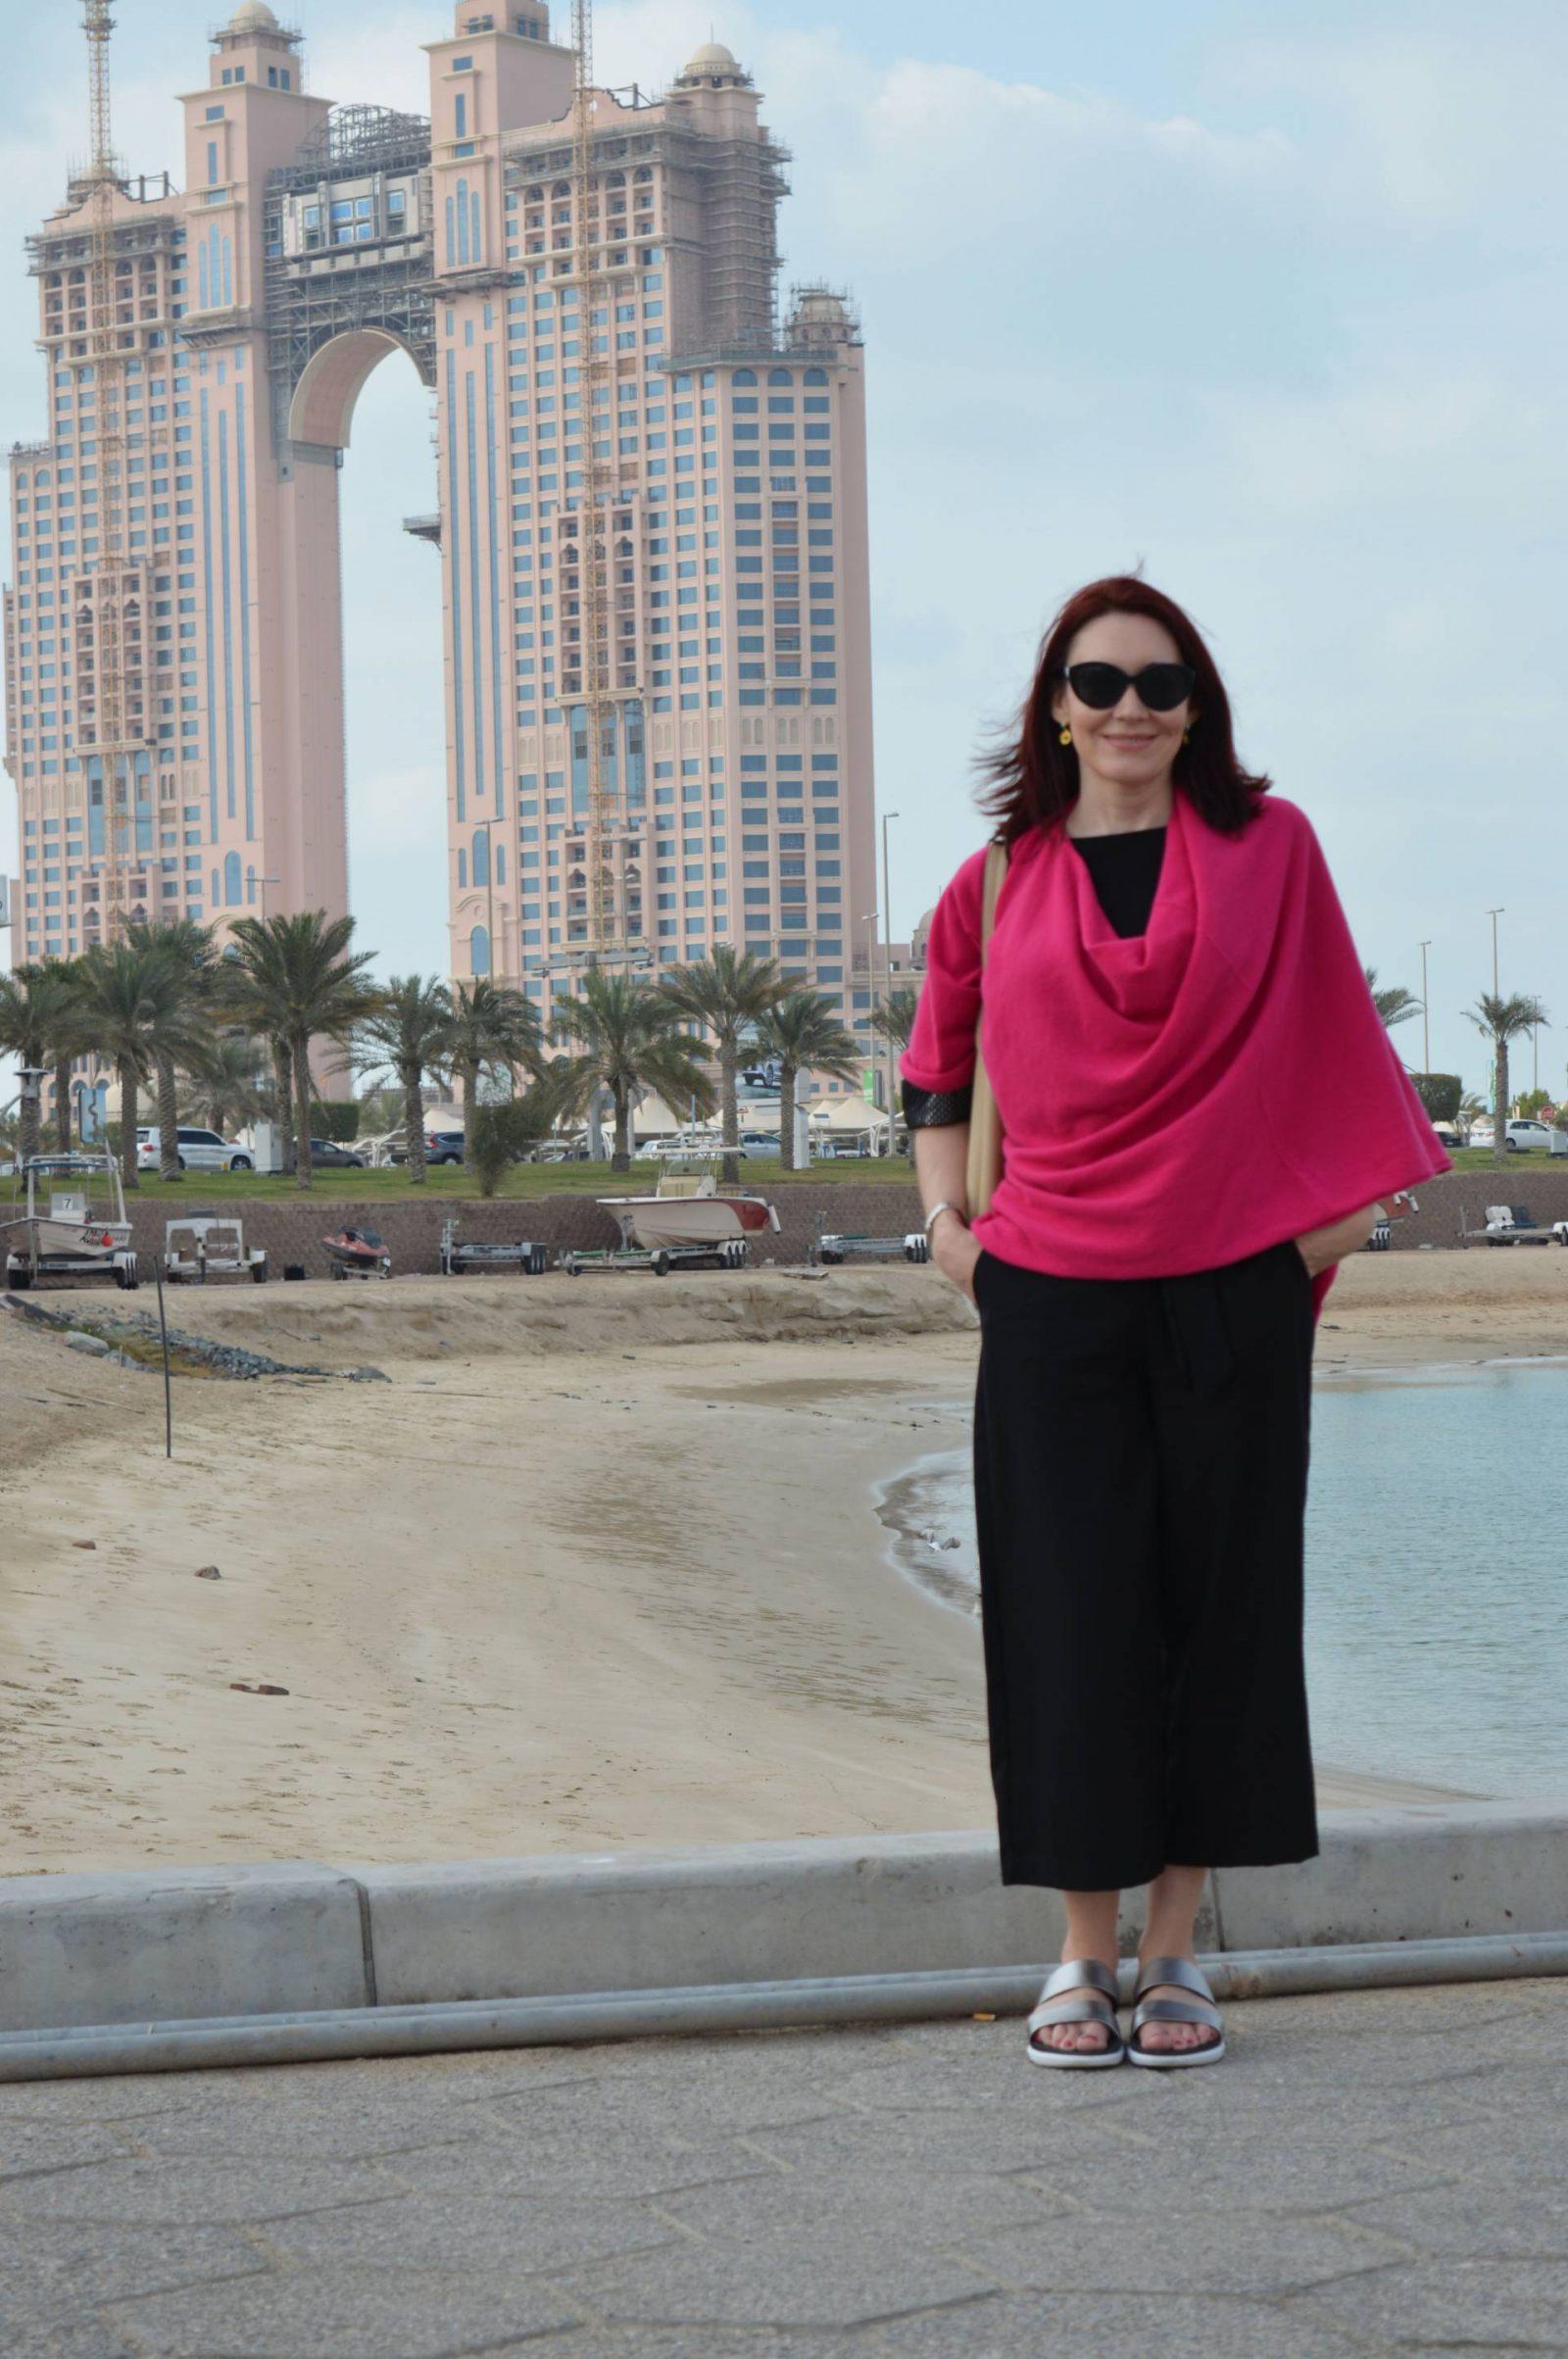 Holiday in Abu Dhabi Hope-poncho-zara-trousers FitFlops